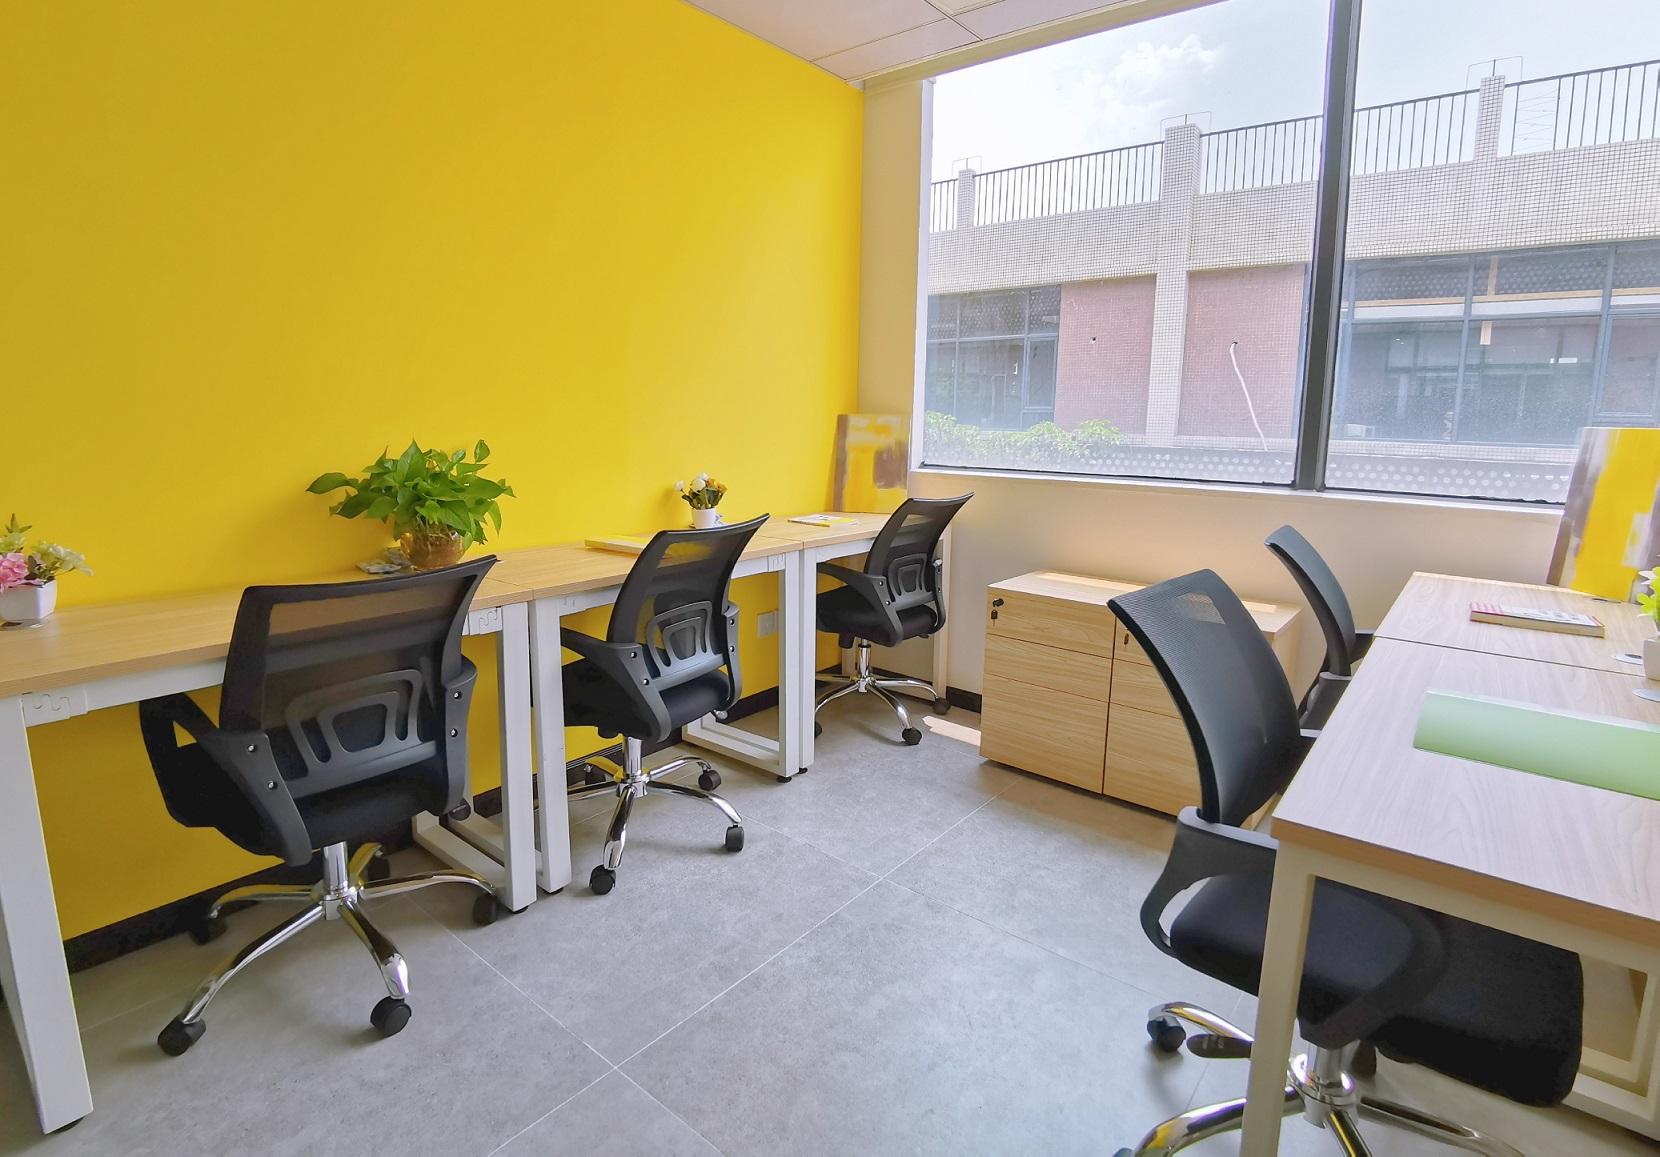 創錦創業園(2樓)服務式辦公室